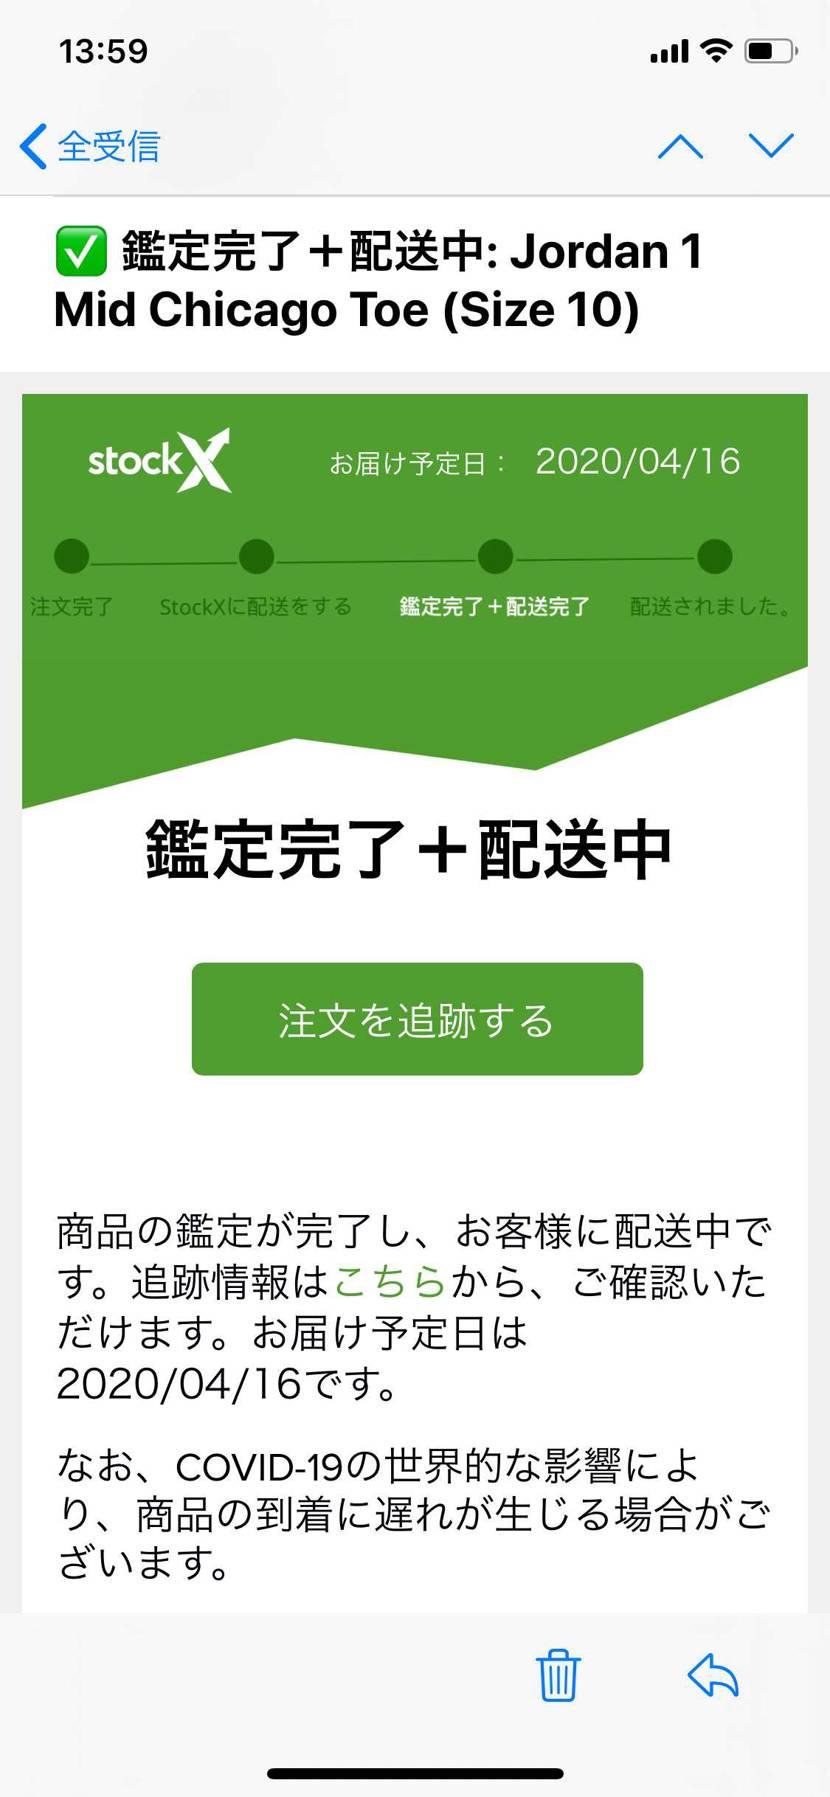 待ち遠しい🌝 もう日本には到着してるみたいだし予定より早く配送されることないか